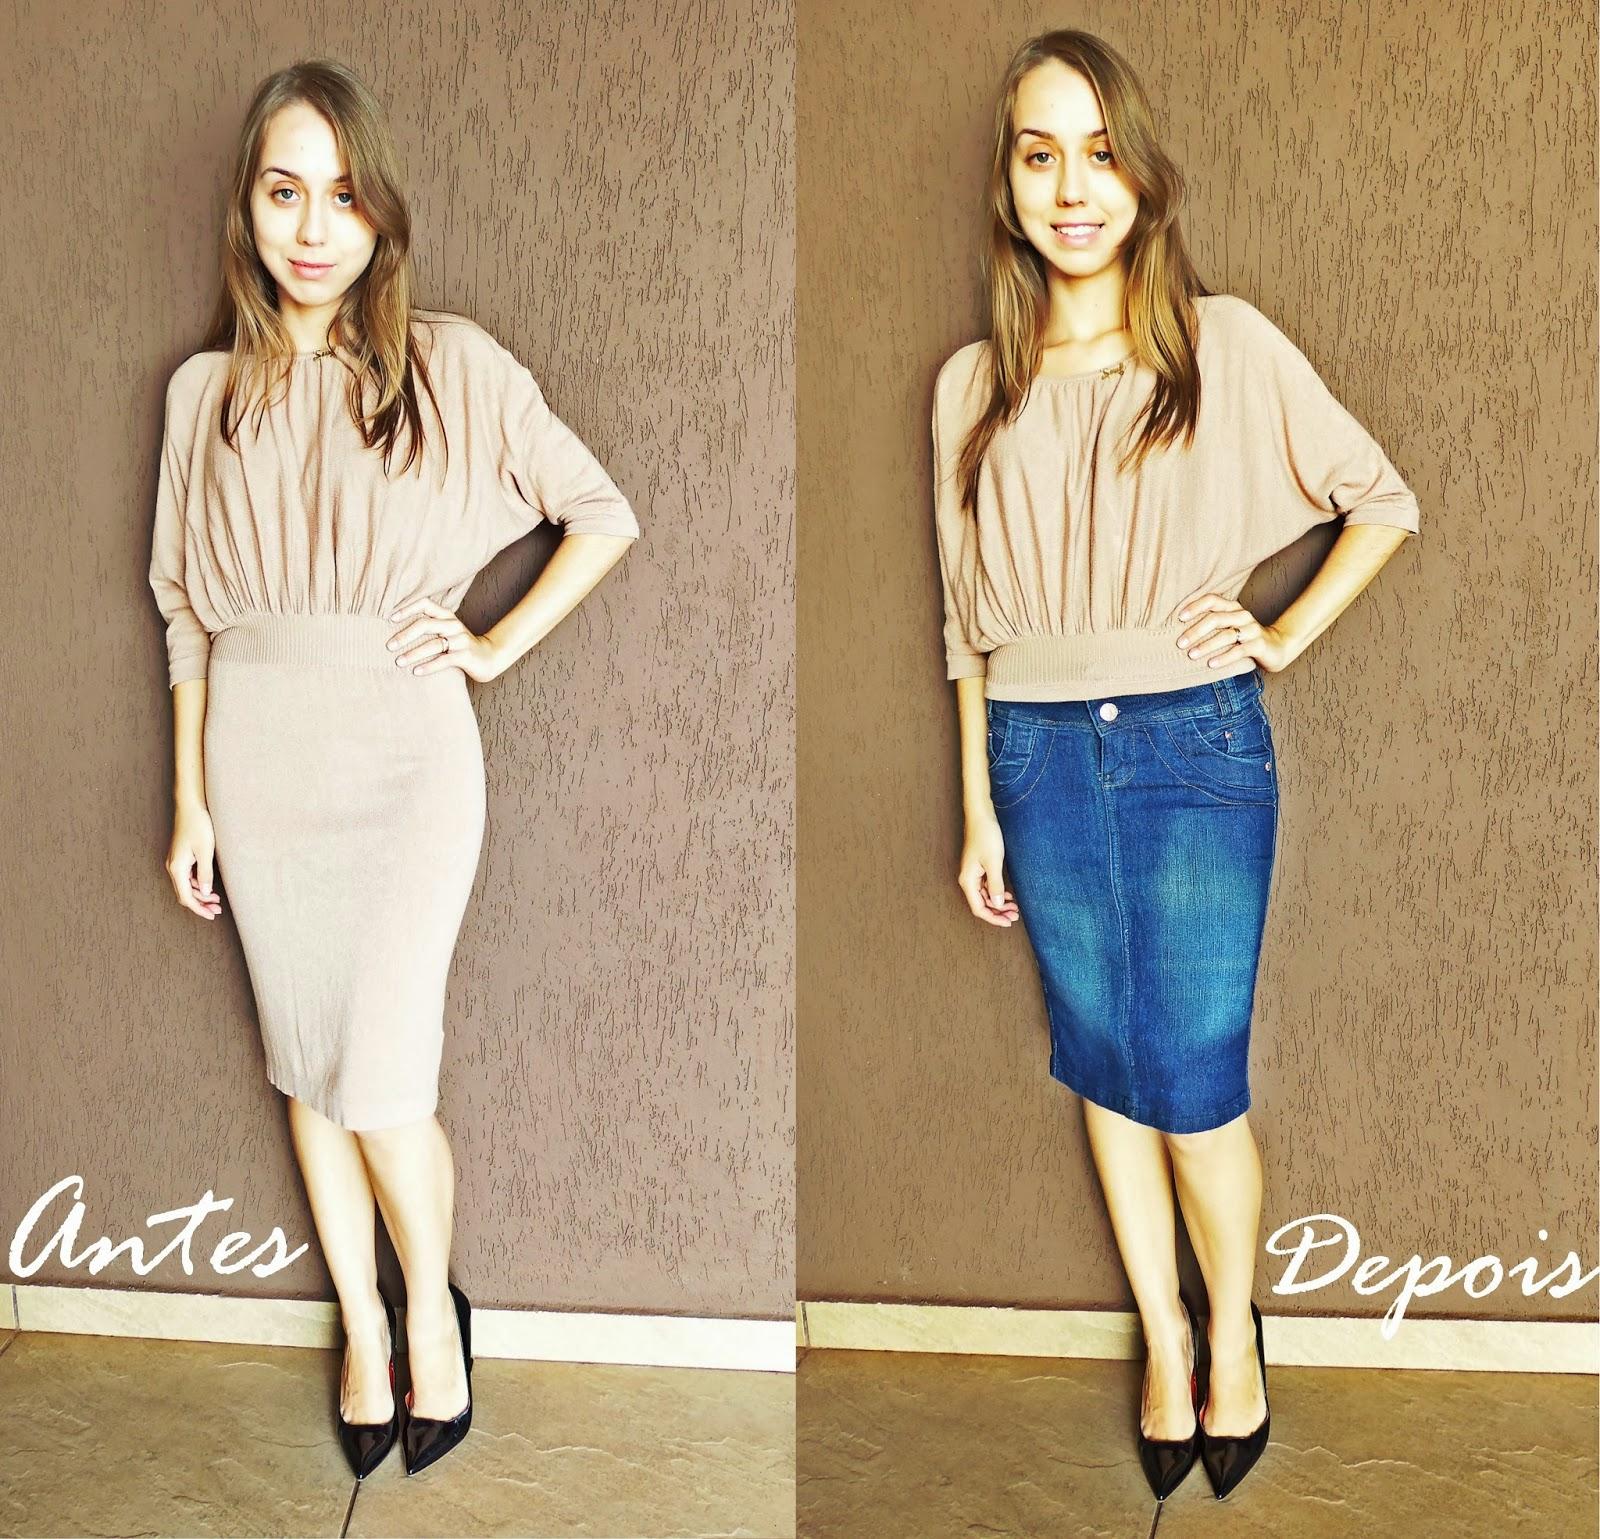 Customizando/reformando as roupas Miss Sainha Blog de moda para  #22457F 1600x1539